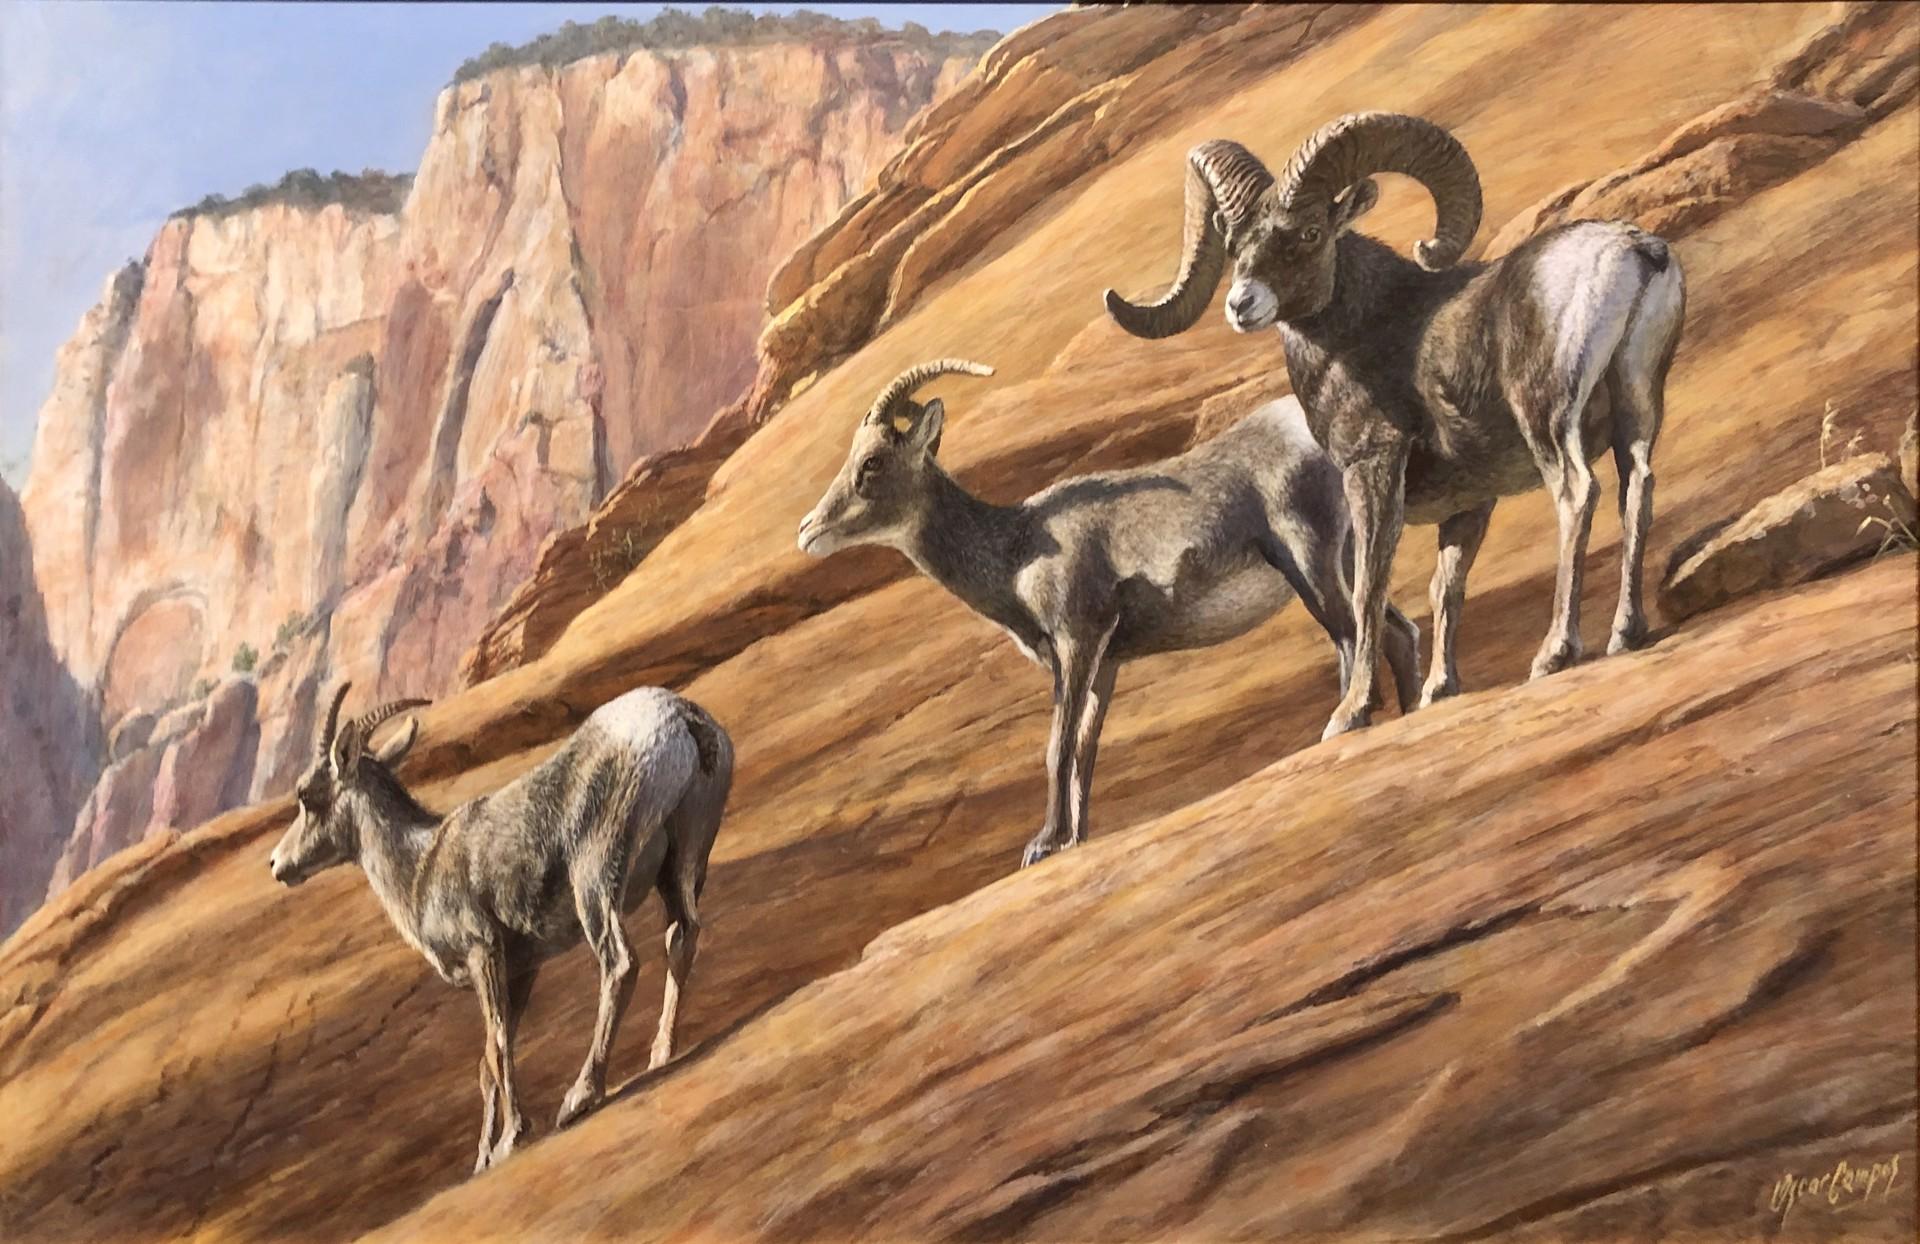 Desert Bighorns by Oscar Campos